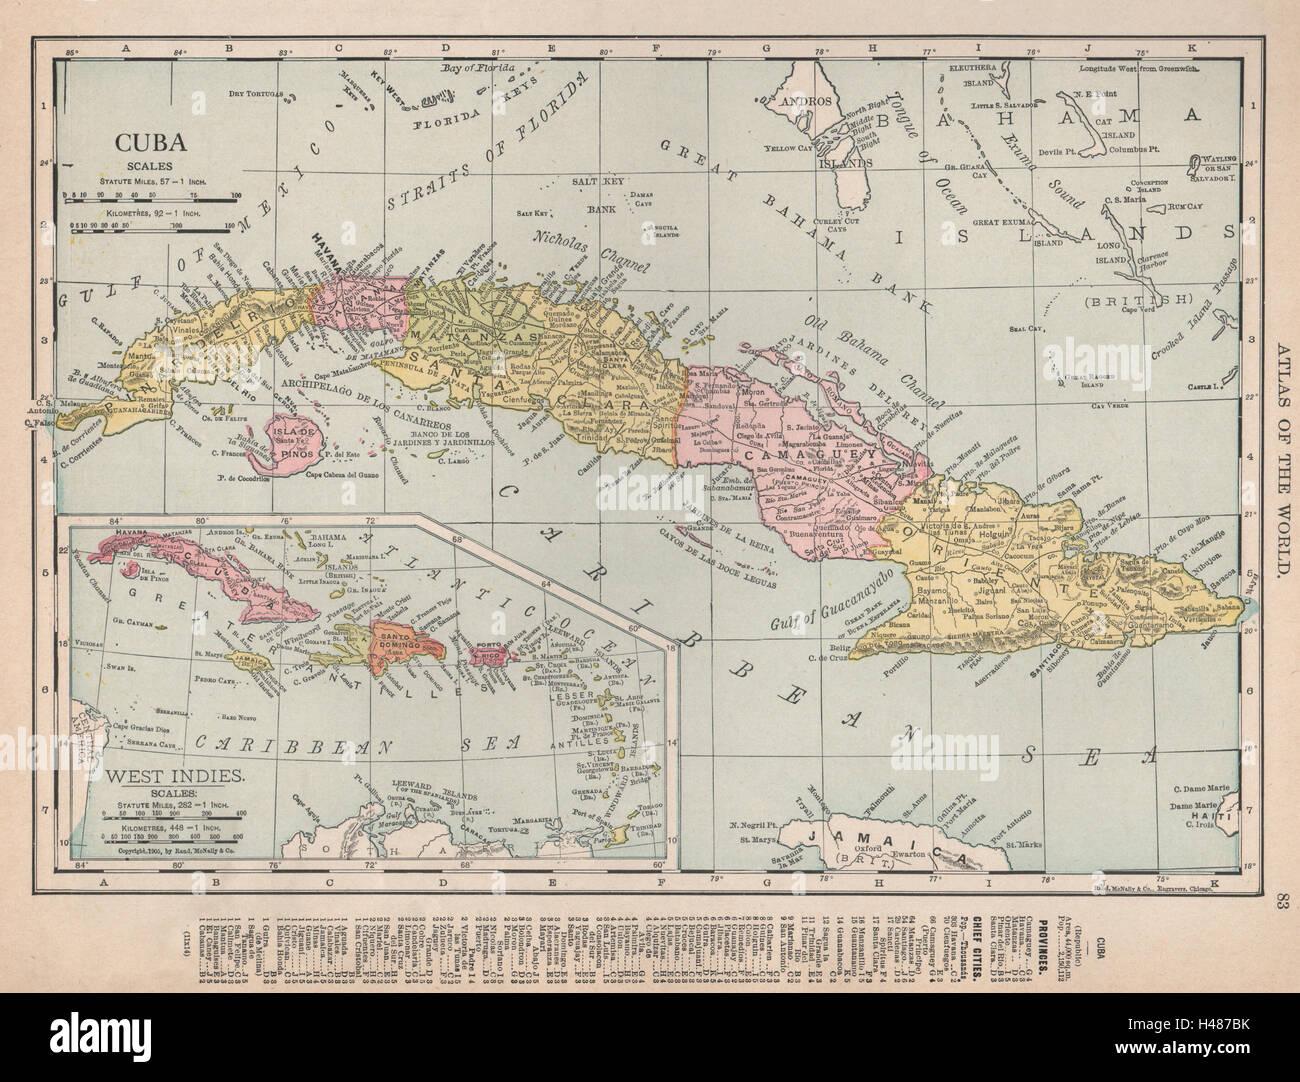 Cuba Showing Provinces RAND MCNALLY Old Antique Vintage Map - Cuba provinces map